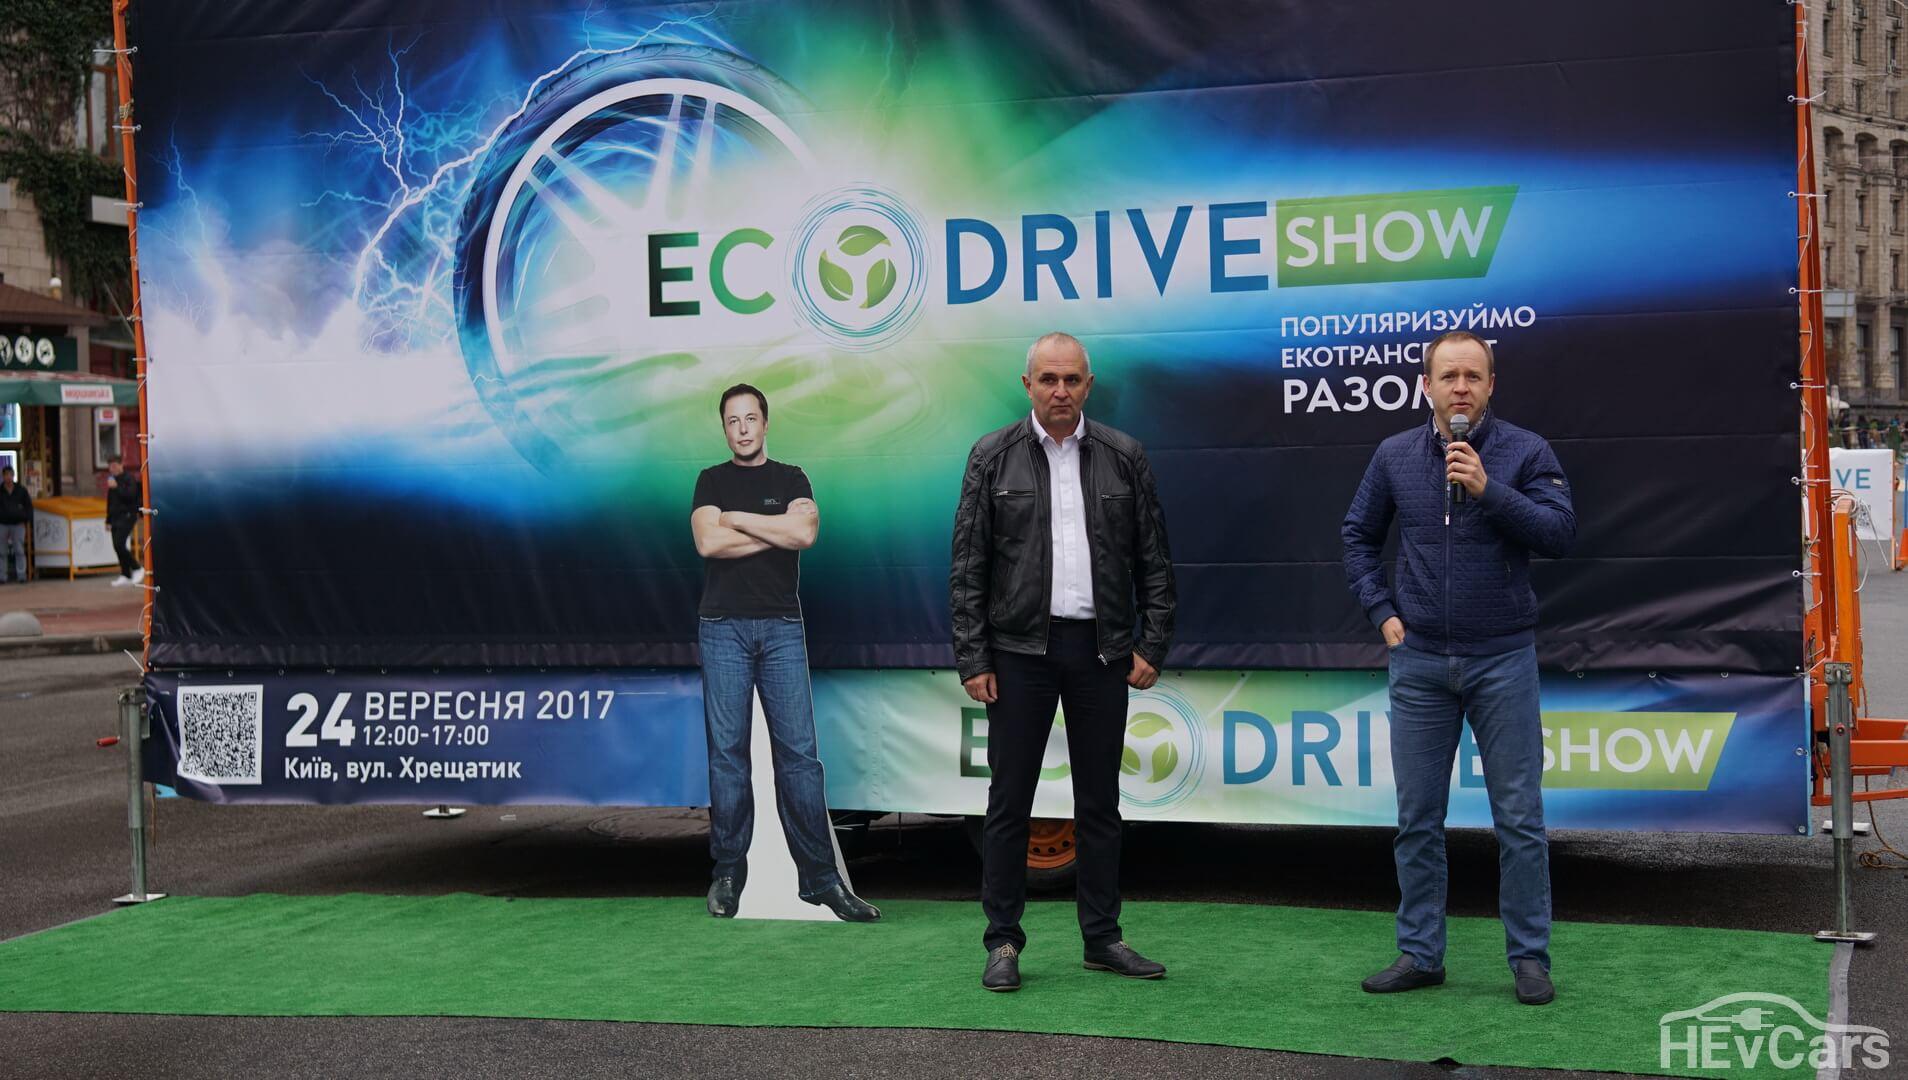 Открытие EcoDriveShow 2017